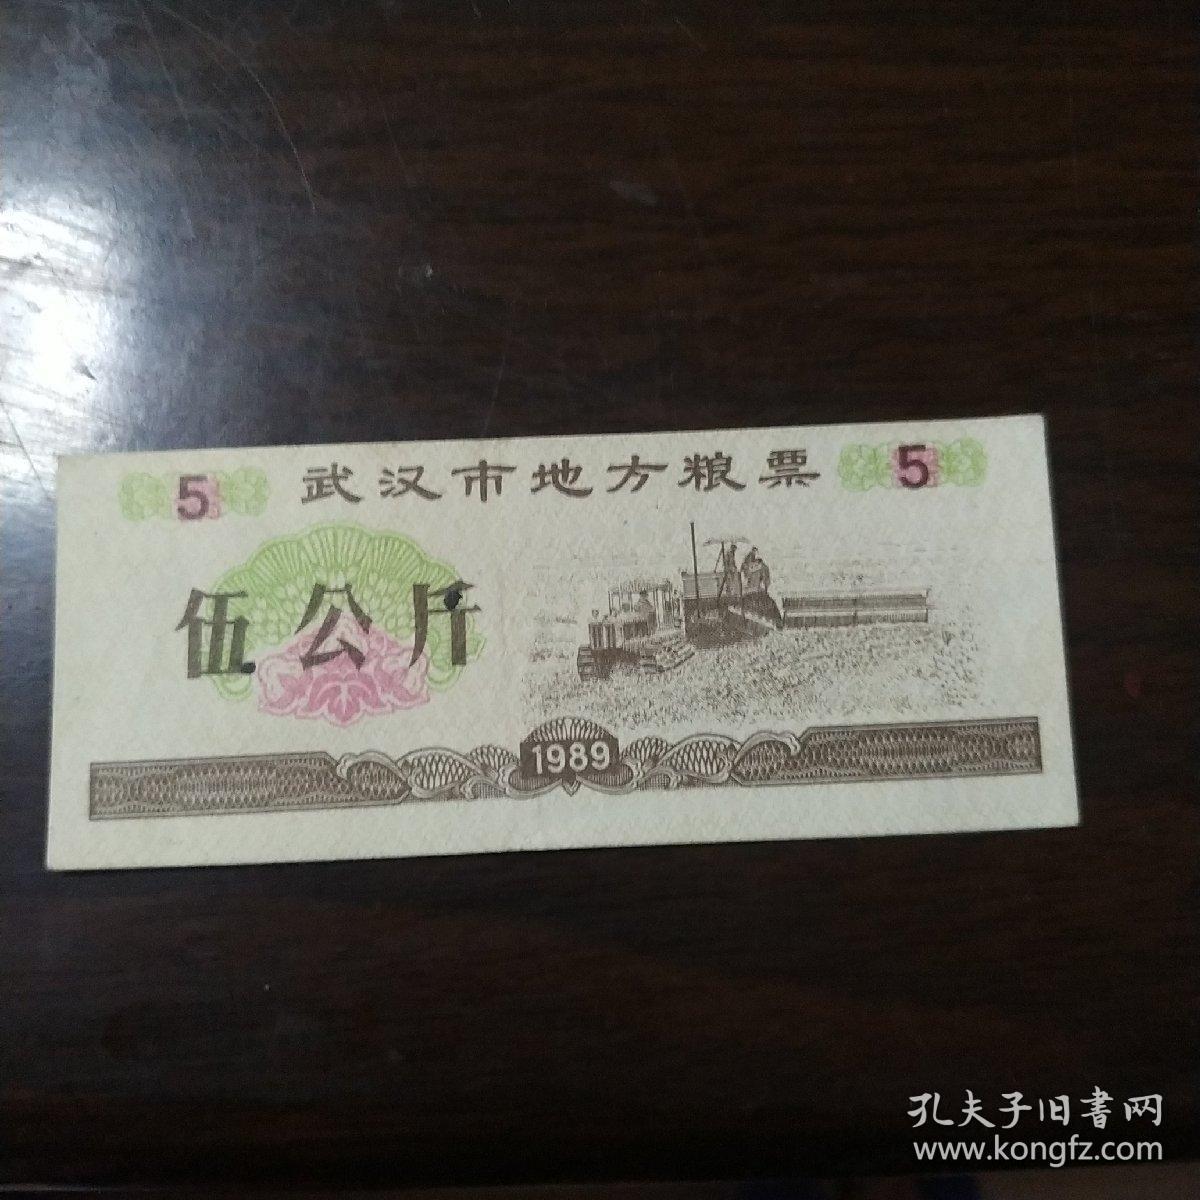 武汉市地方粮票  伍公斤  1989年版